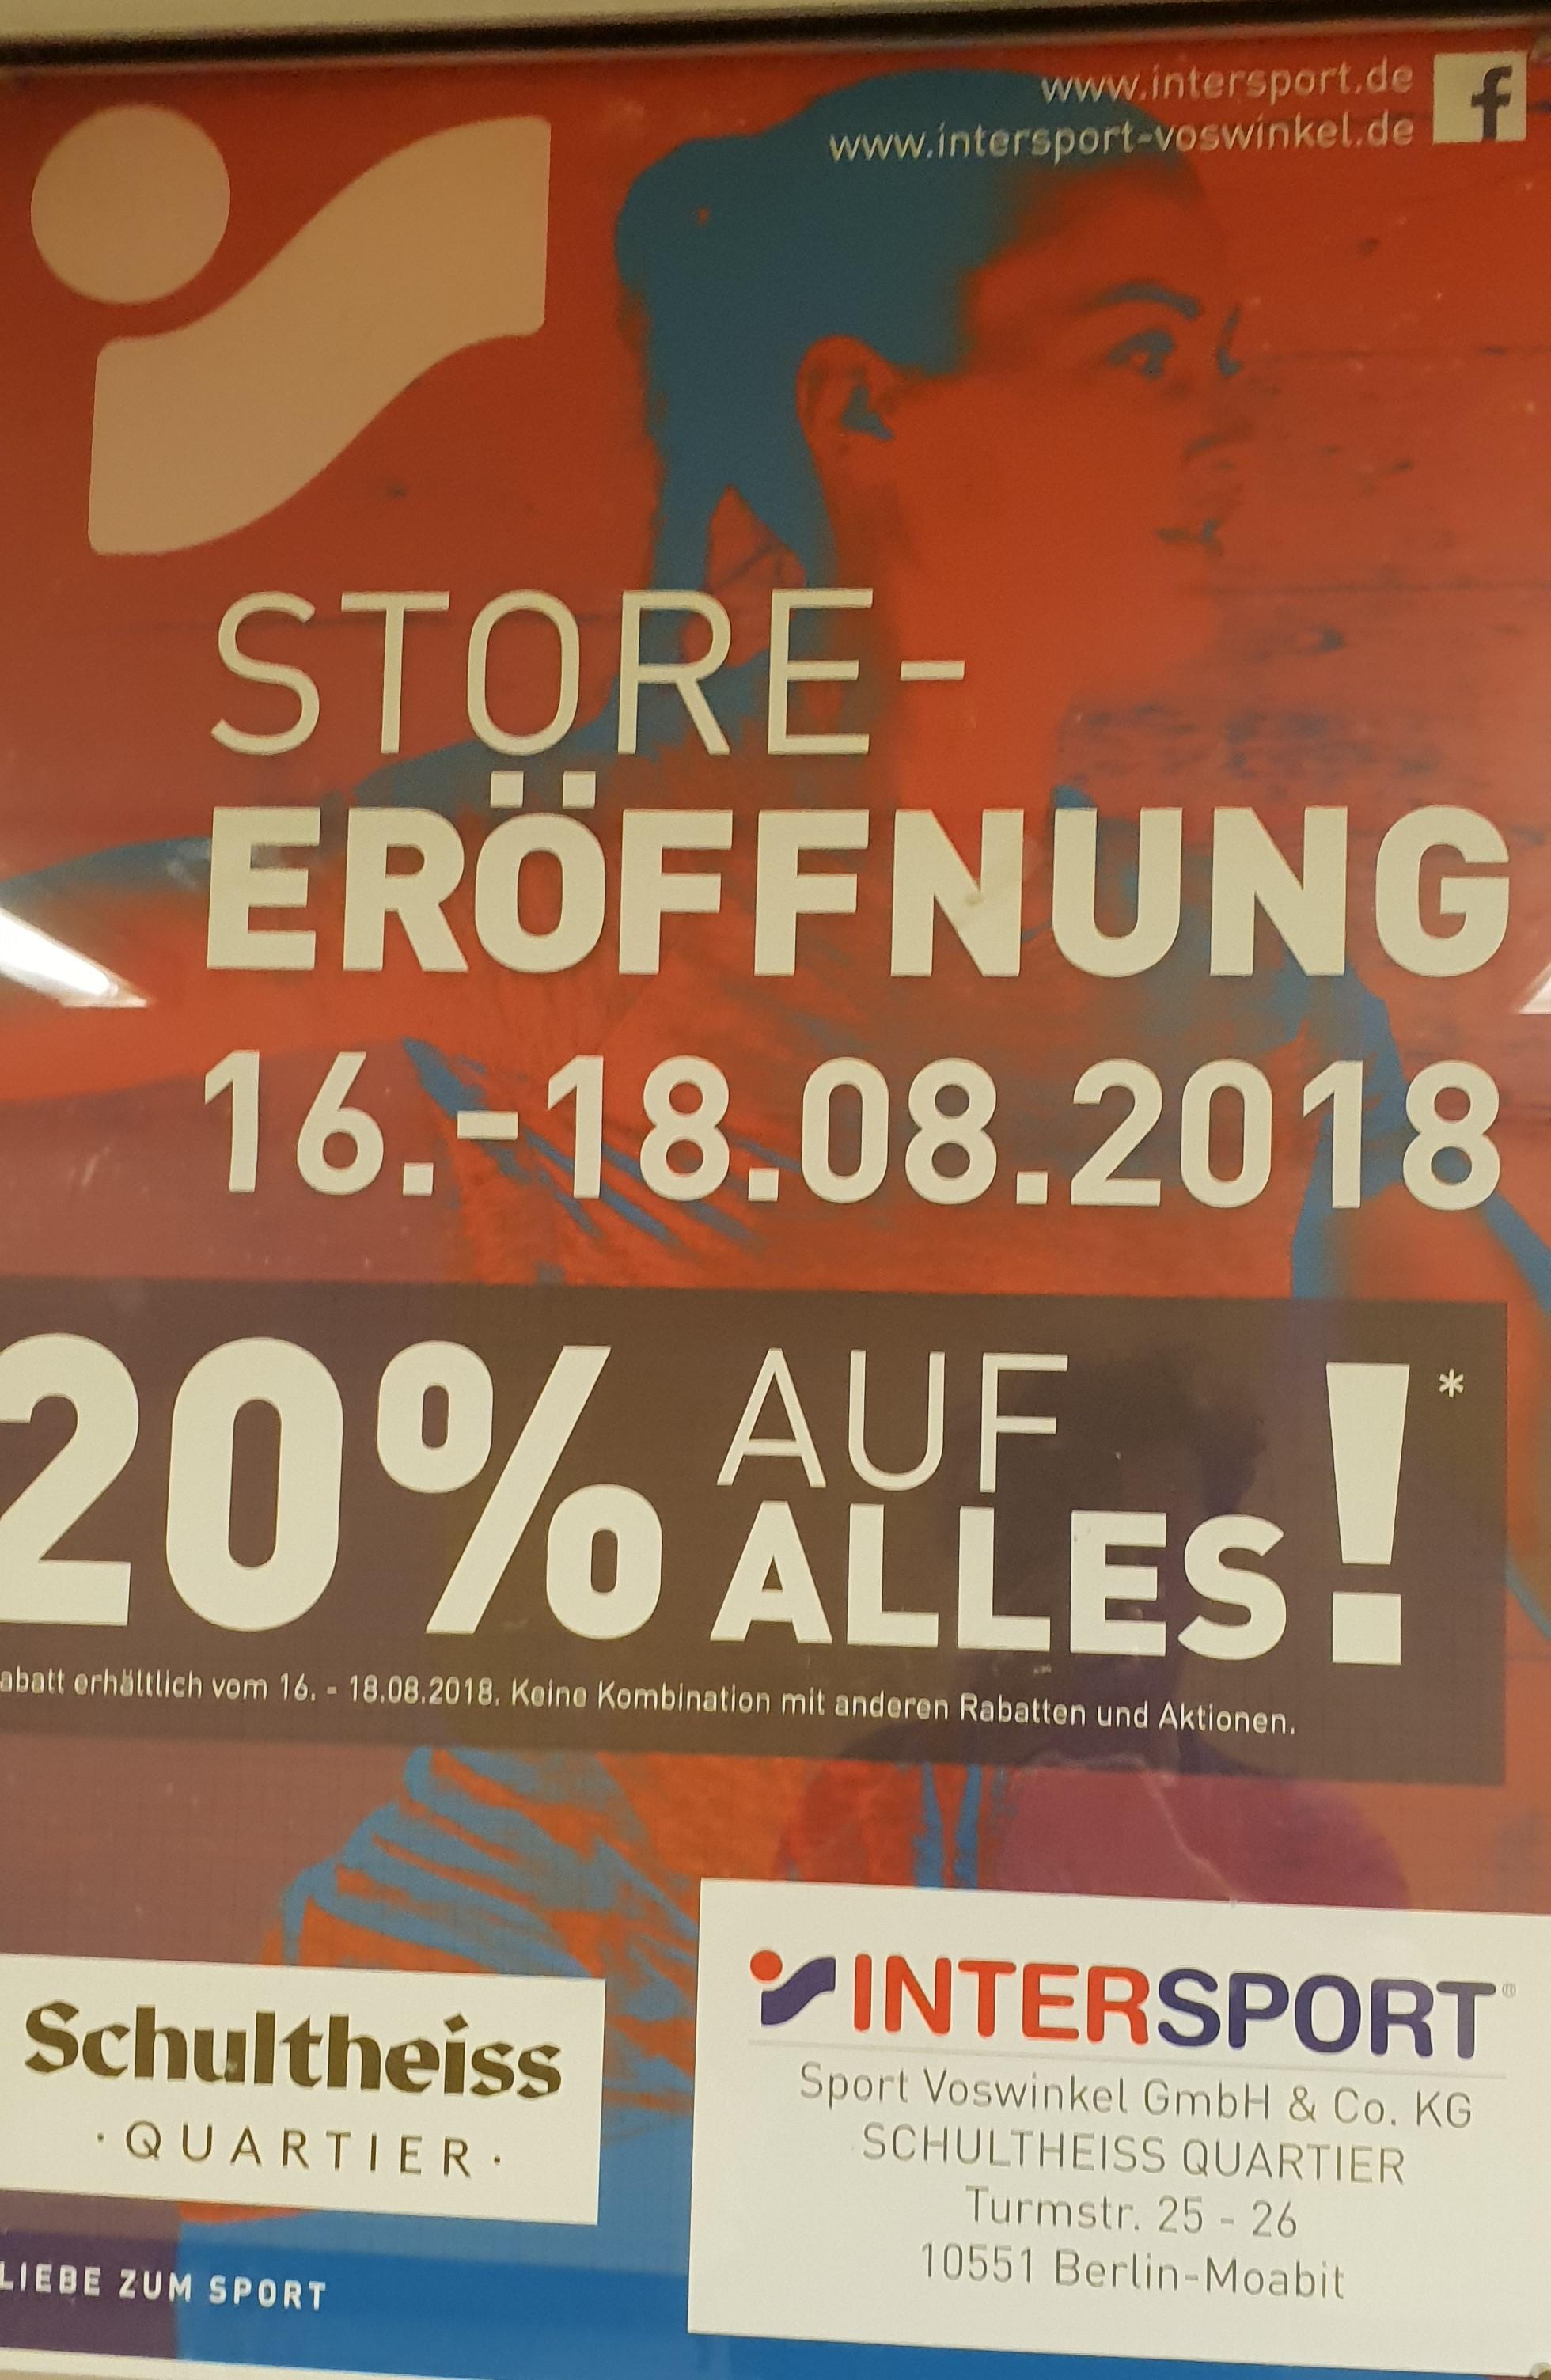 [Lokal Berlin] Schultheiss-Quartier (Moabit) Intersport 20% auf alles vom 16.08 - 18.08 wegen Neueröffnung.